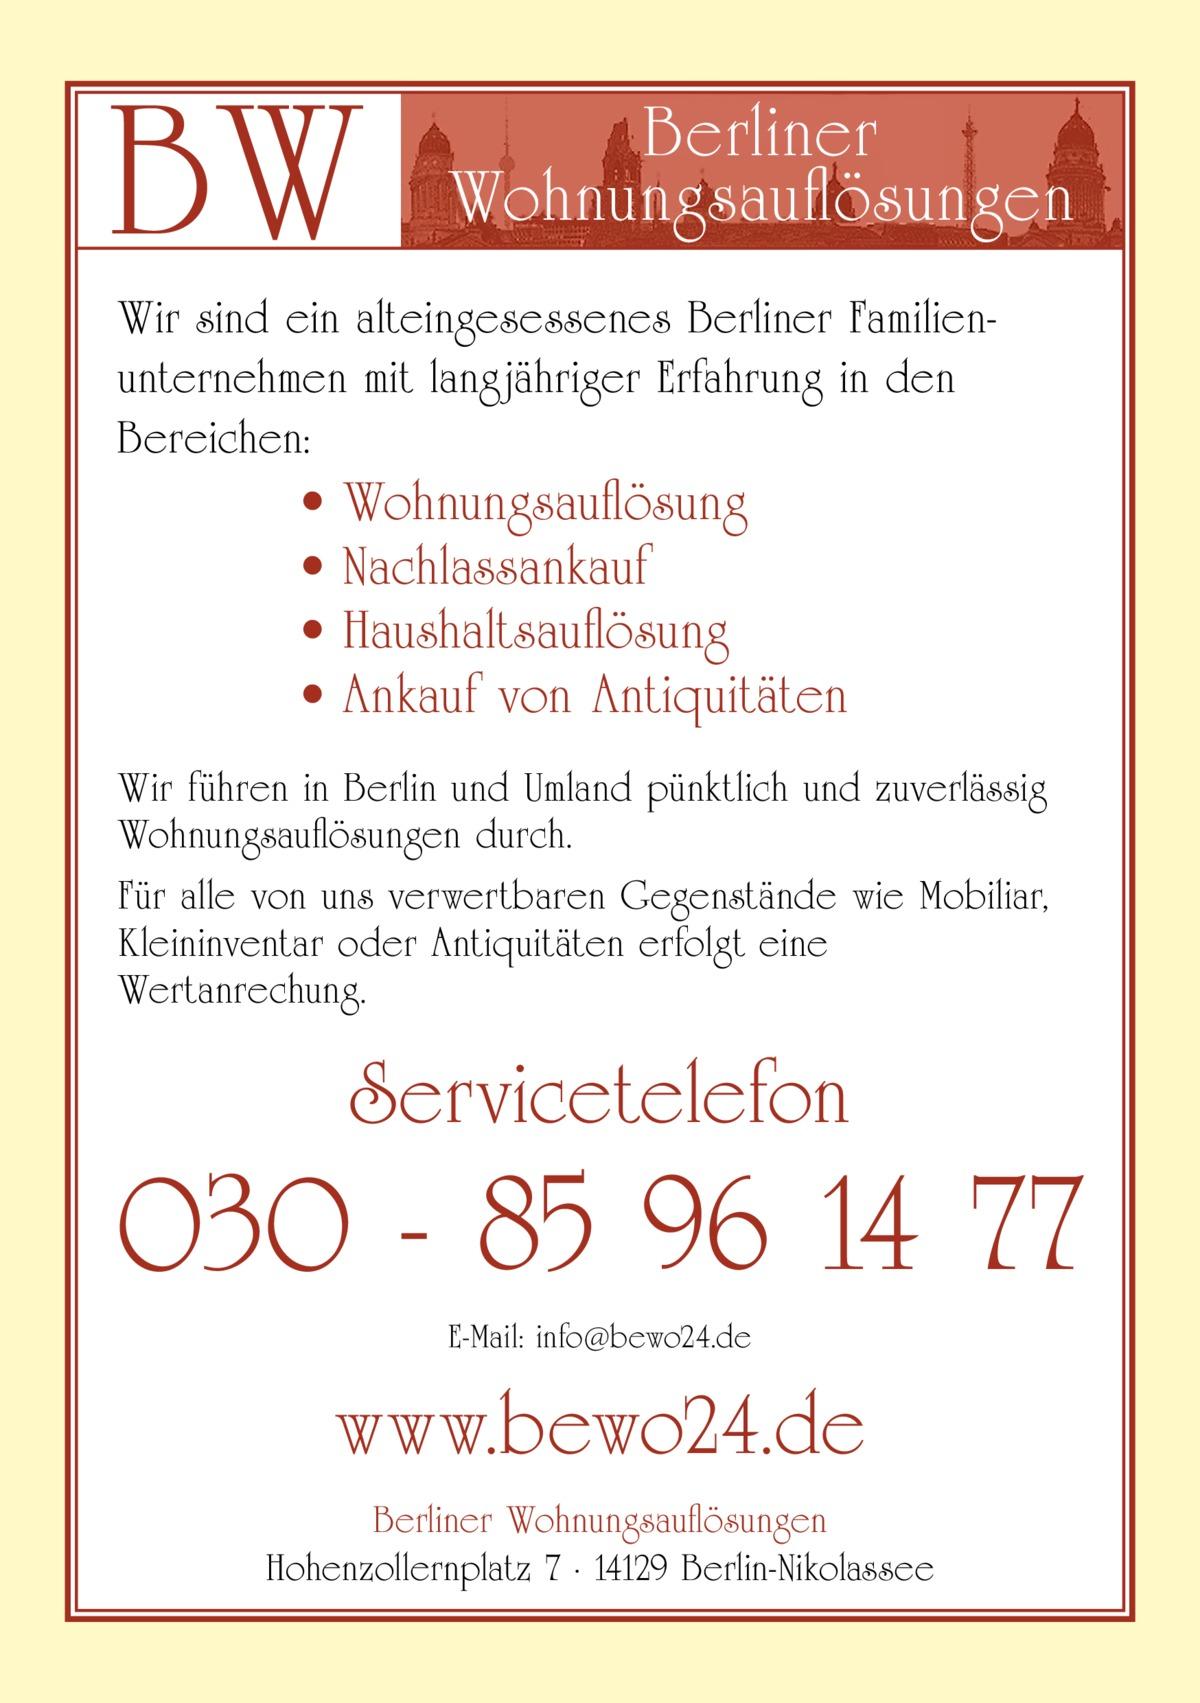 BW  Berliner Wohnungsauflösungen  Wir sind ein alteingesessenes Berliner Familienunternehmen mit langjähriger Erfahrung in den Bereichen:  • • • •  Wohnungsauflösung Nachlassankauf Haushaltsauflösung Ankauf von Antiquitäten  Wir führen in Berlin und Umland pünktlich und zuverlässig Wohnungsauflösungen durch. Für alle von uns verwertbaren Gegenstände wie Mobiliar, Kleininventar oder Antiquitäten erfolgt eine Wertanrechung.  Servicetelefon  030 - 85 96 14 77 E-Mail: info@bewo24.de  www.bewo24.de Berliner Wohnungsauflösungen Hohenzollernplatz 7 · 14129 Berlin-Nikolassee